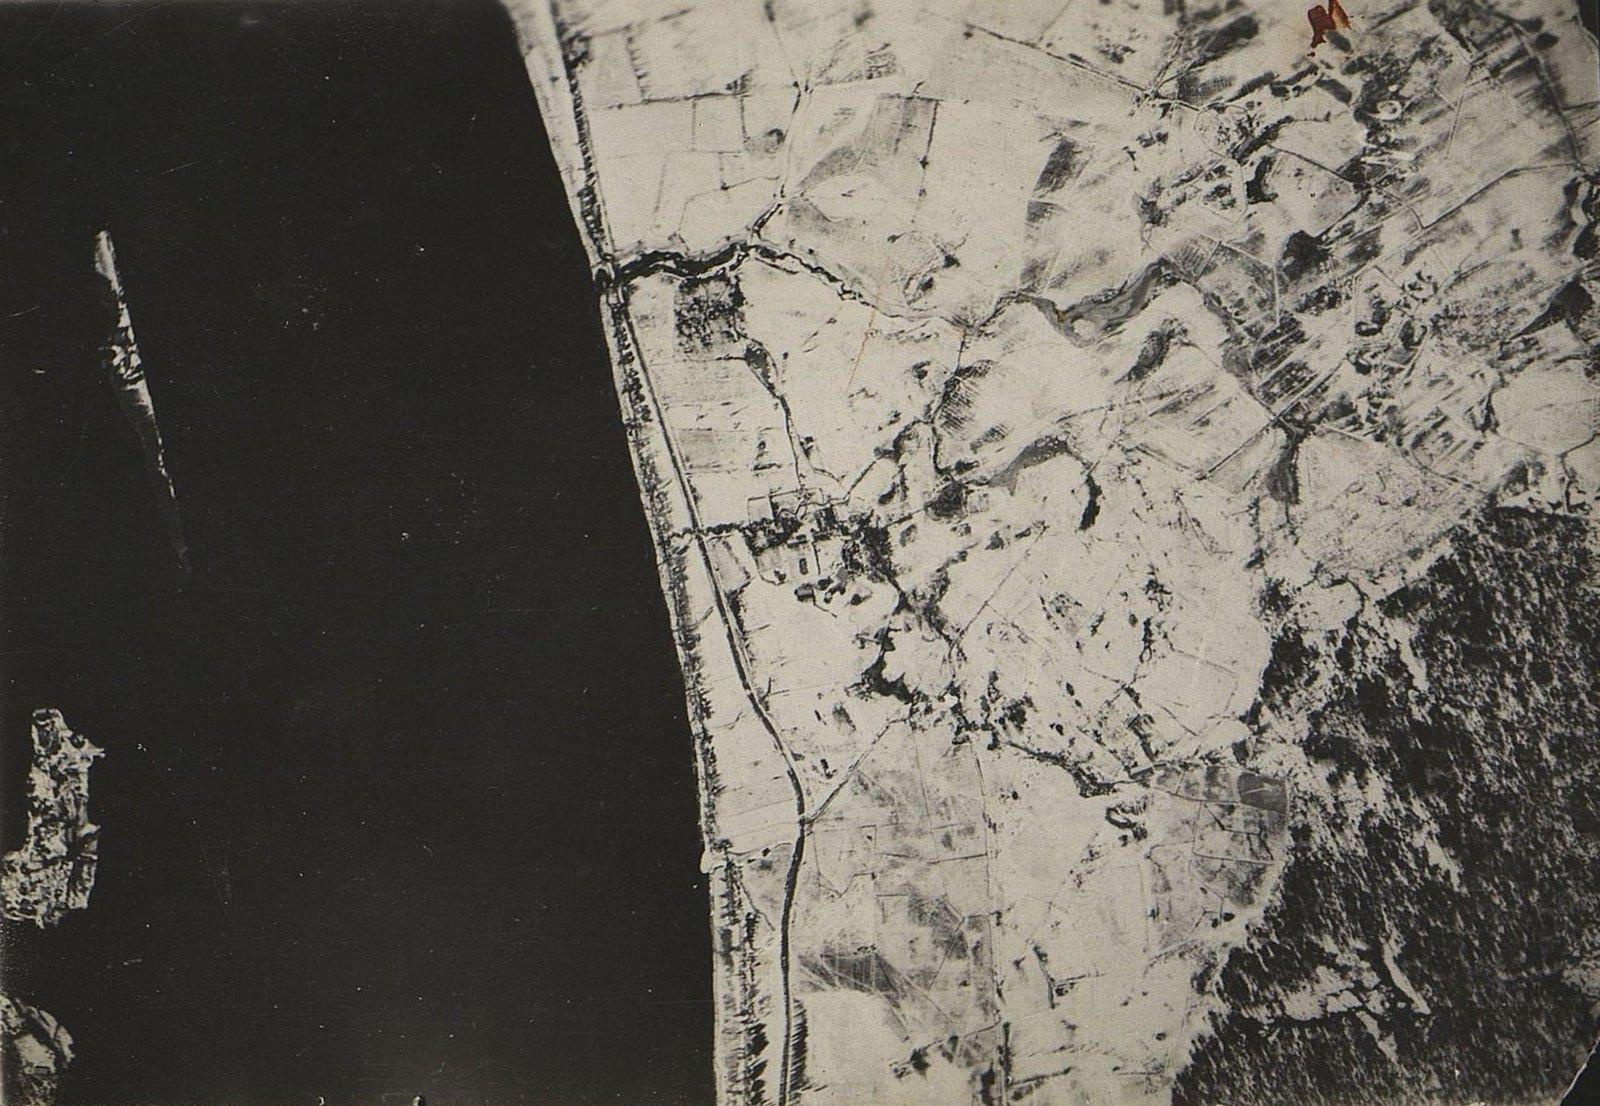 1916. Зимняя фоторазведка Двины (севернее Двинска) на одном из участков Северного фронта (снимок четвёртый)